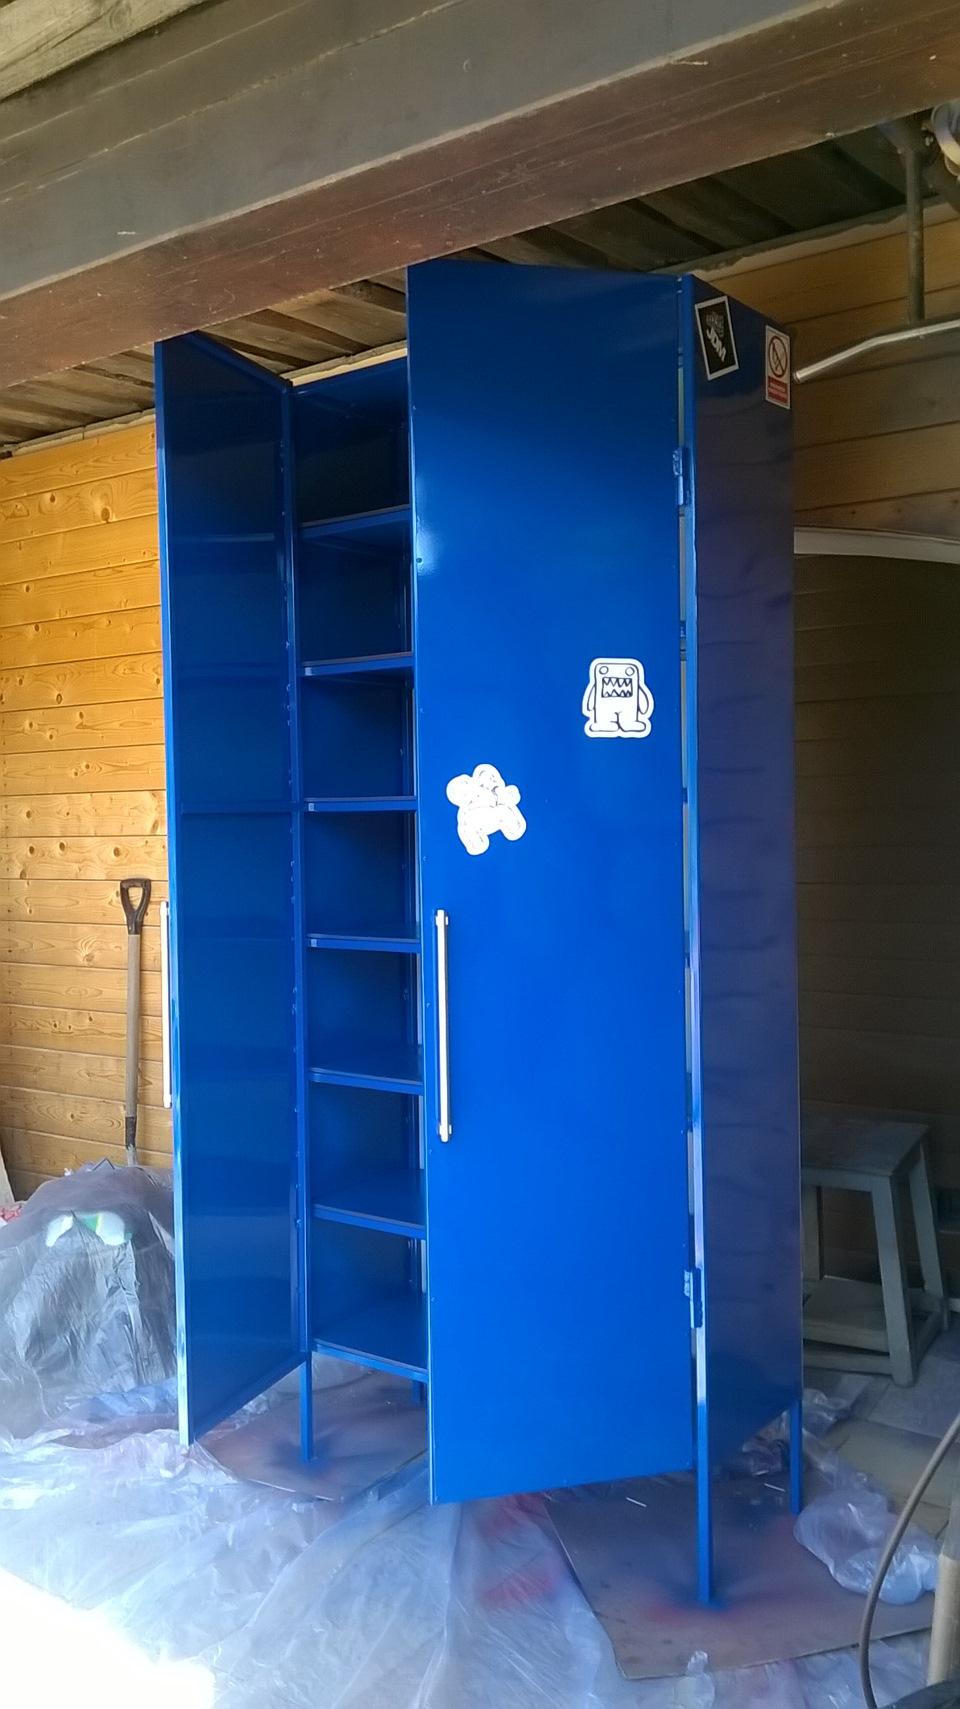 Шкаф металлический для гаража какой фундамент под гараж